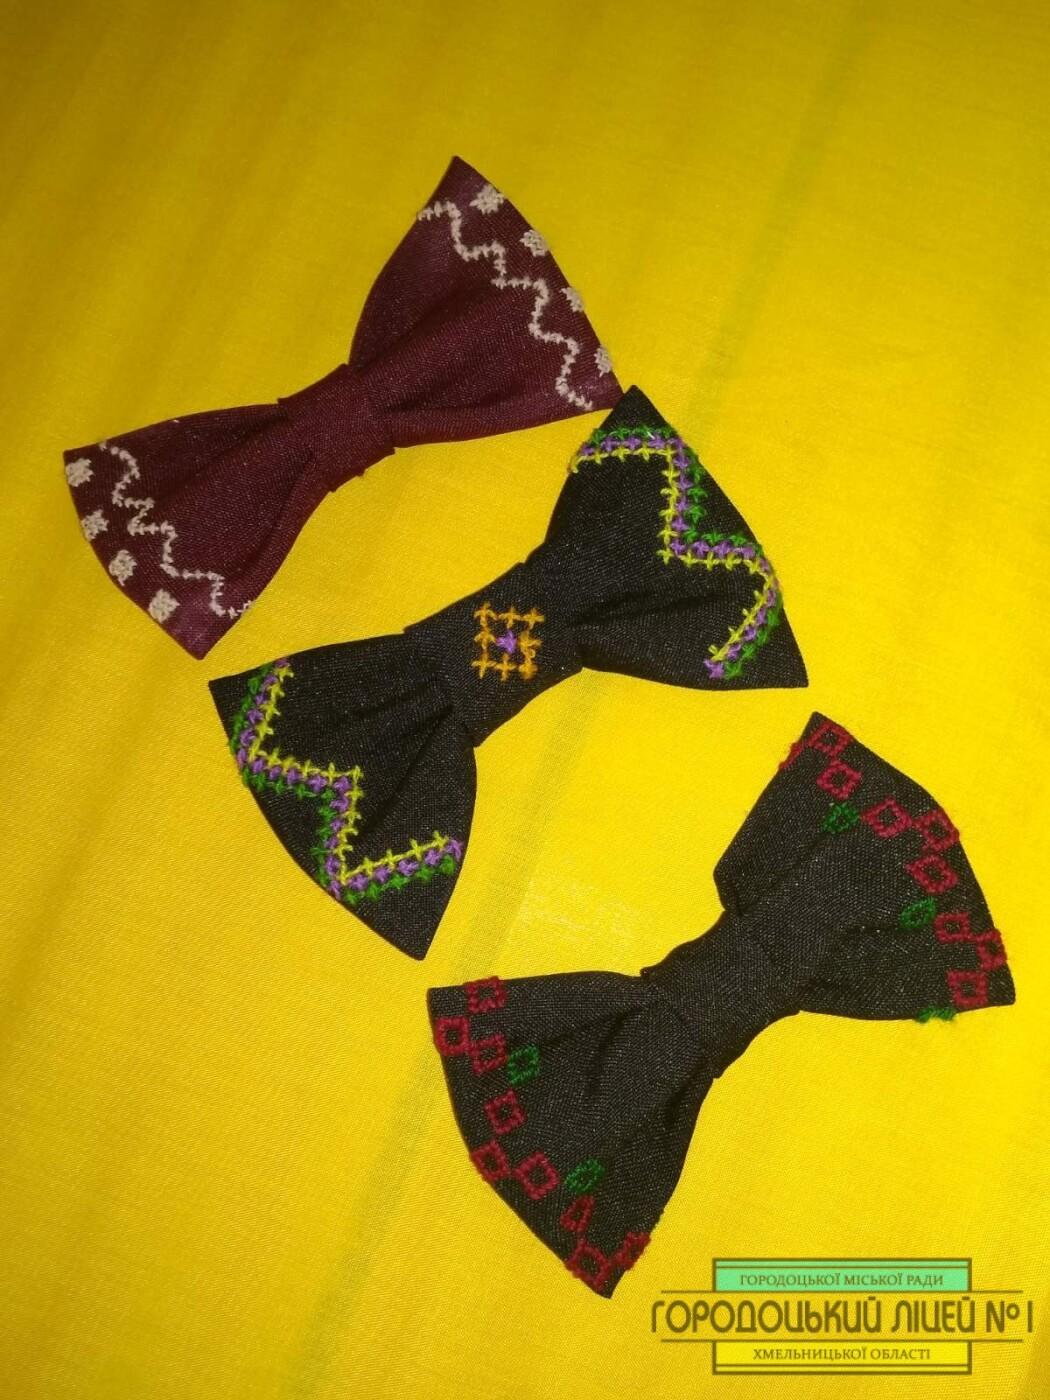 zobrazhennya viber 2019 12 09 14 28 591 - Краватка-метелик в українському стилі